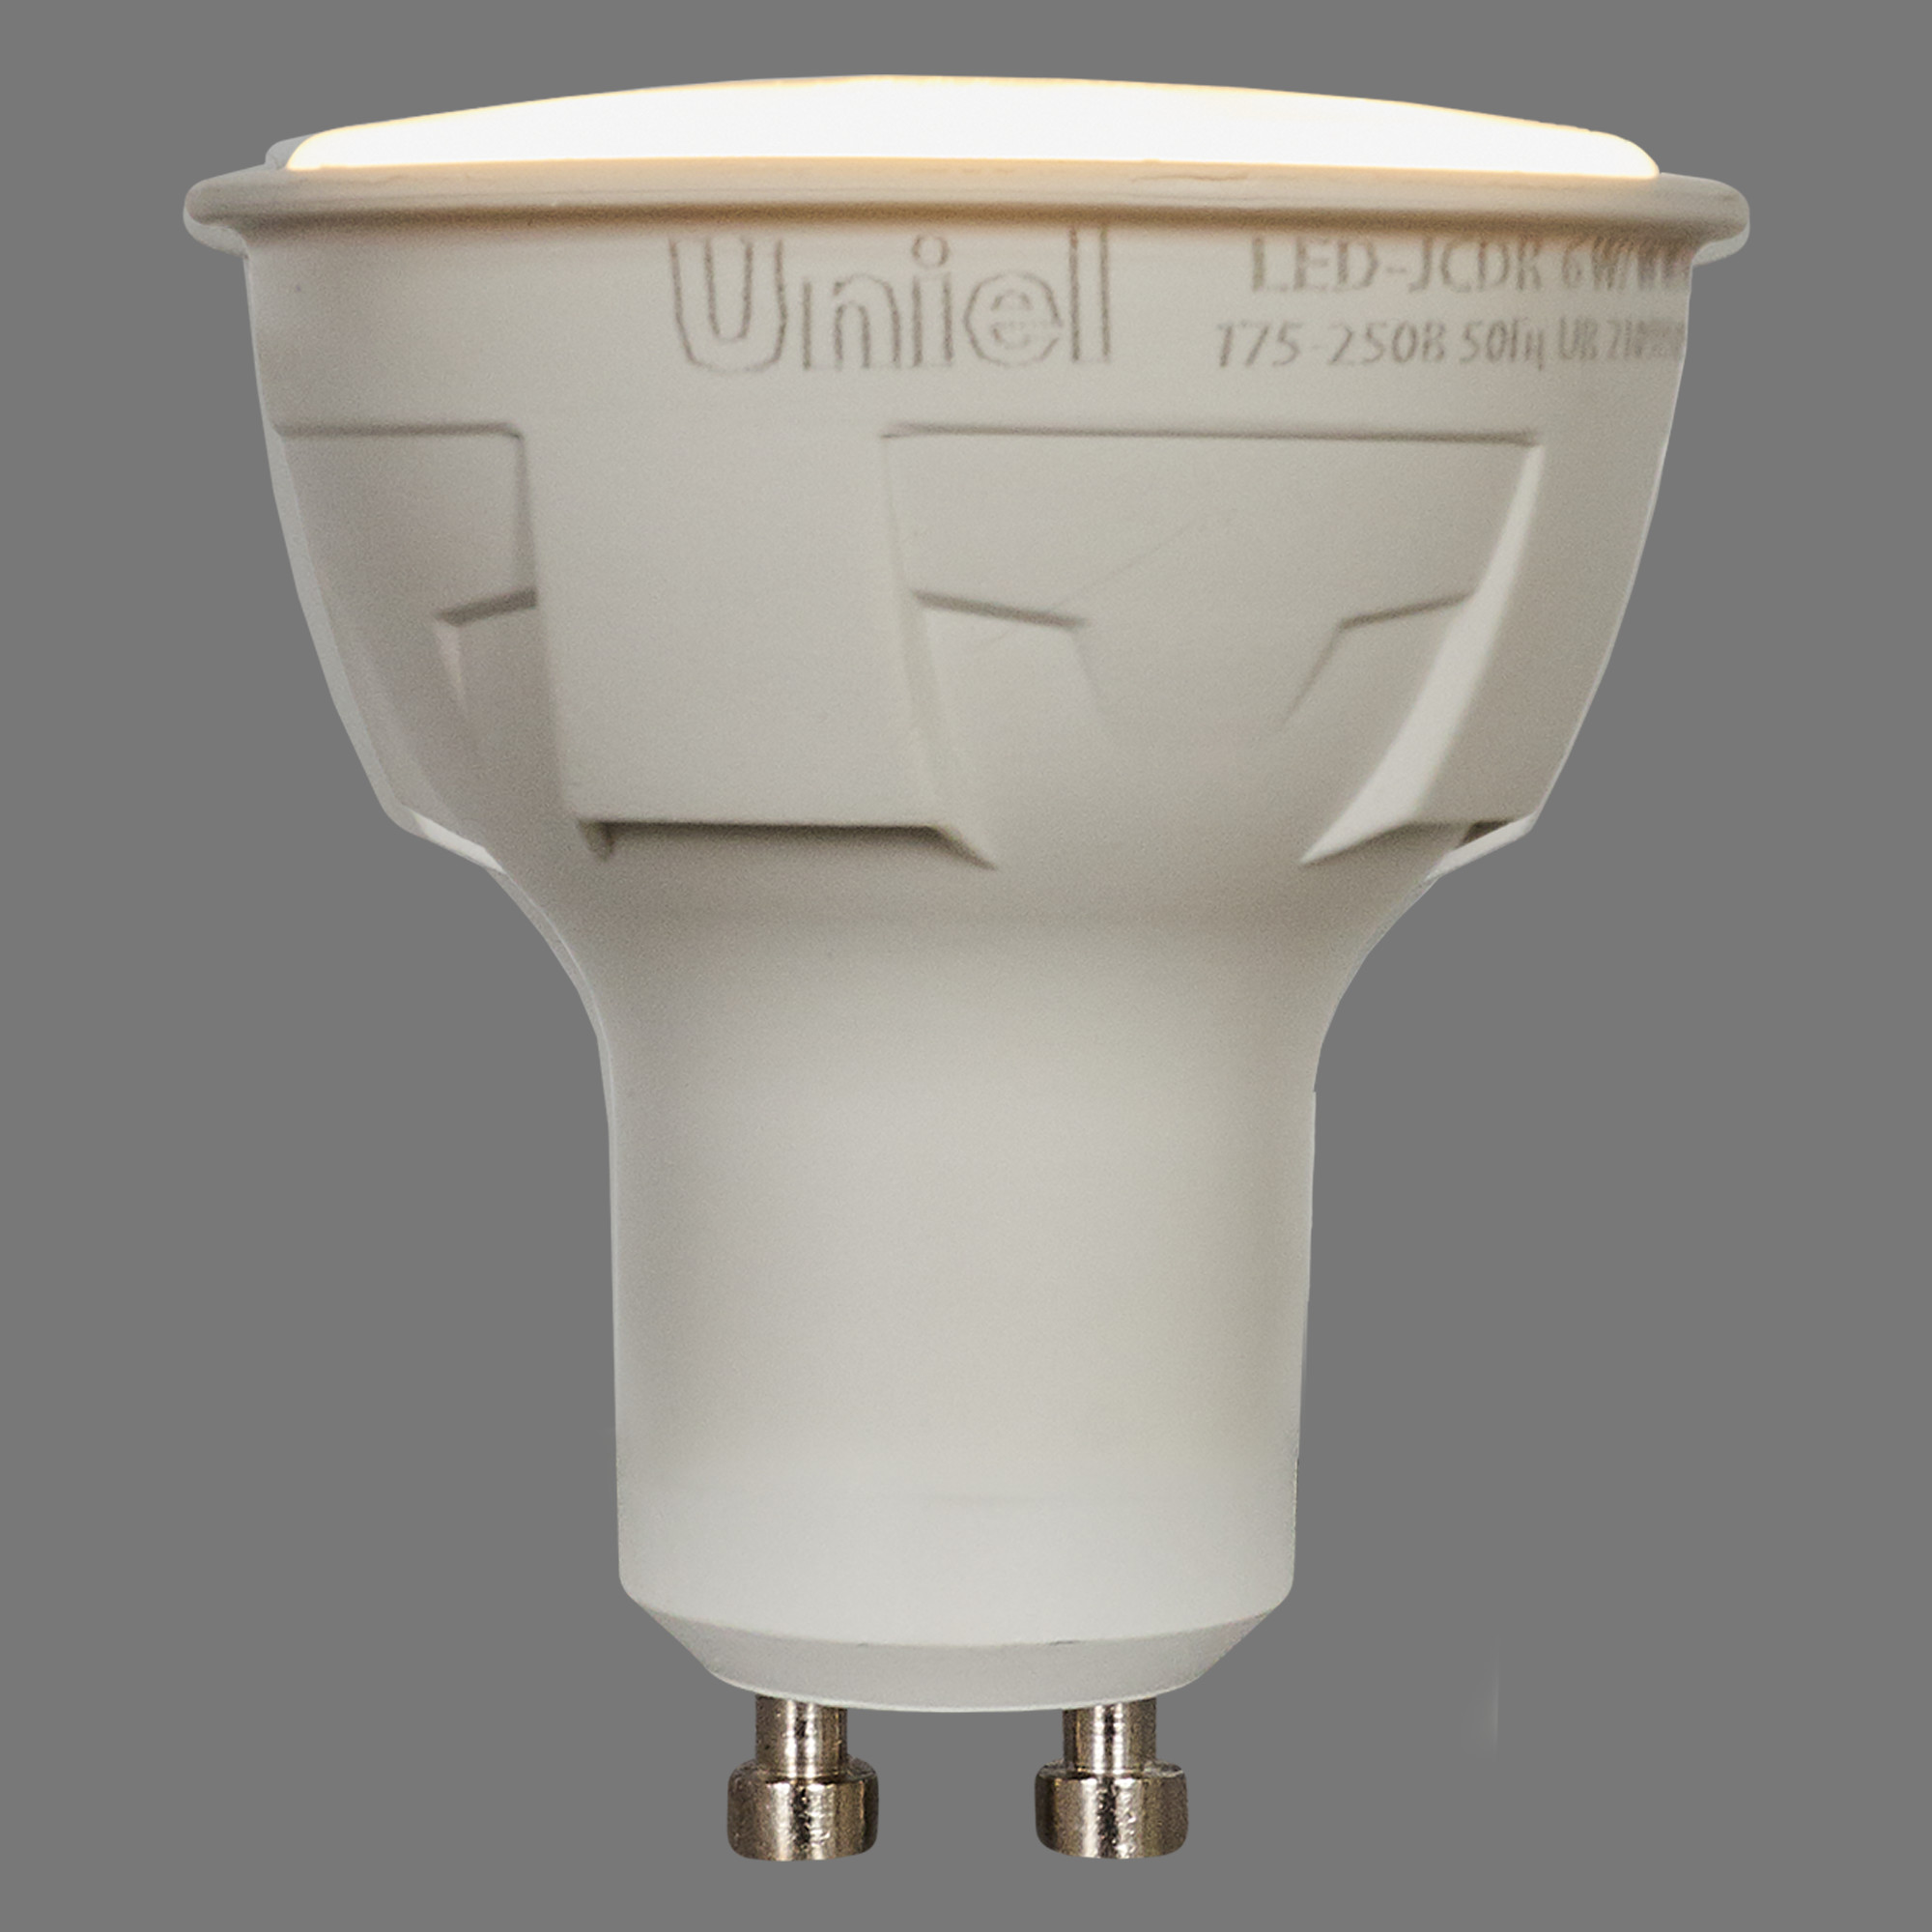 Лампа светодиодная Uniel GU10 220 В 6 Вт спот 500 лм тёплый белый свет